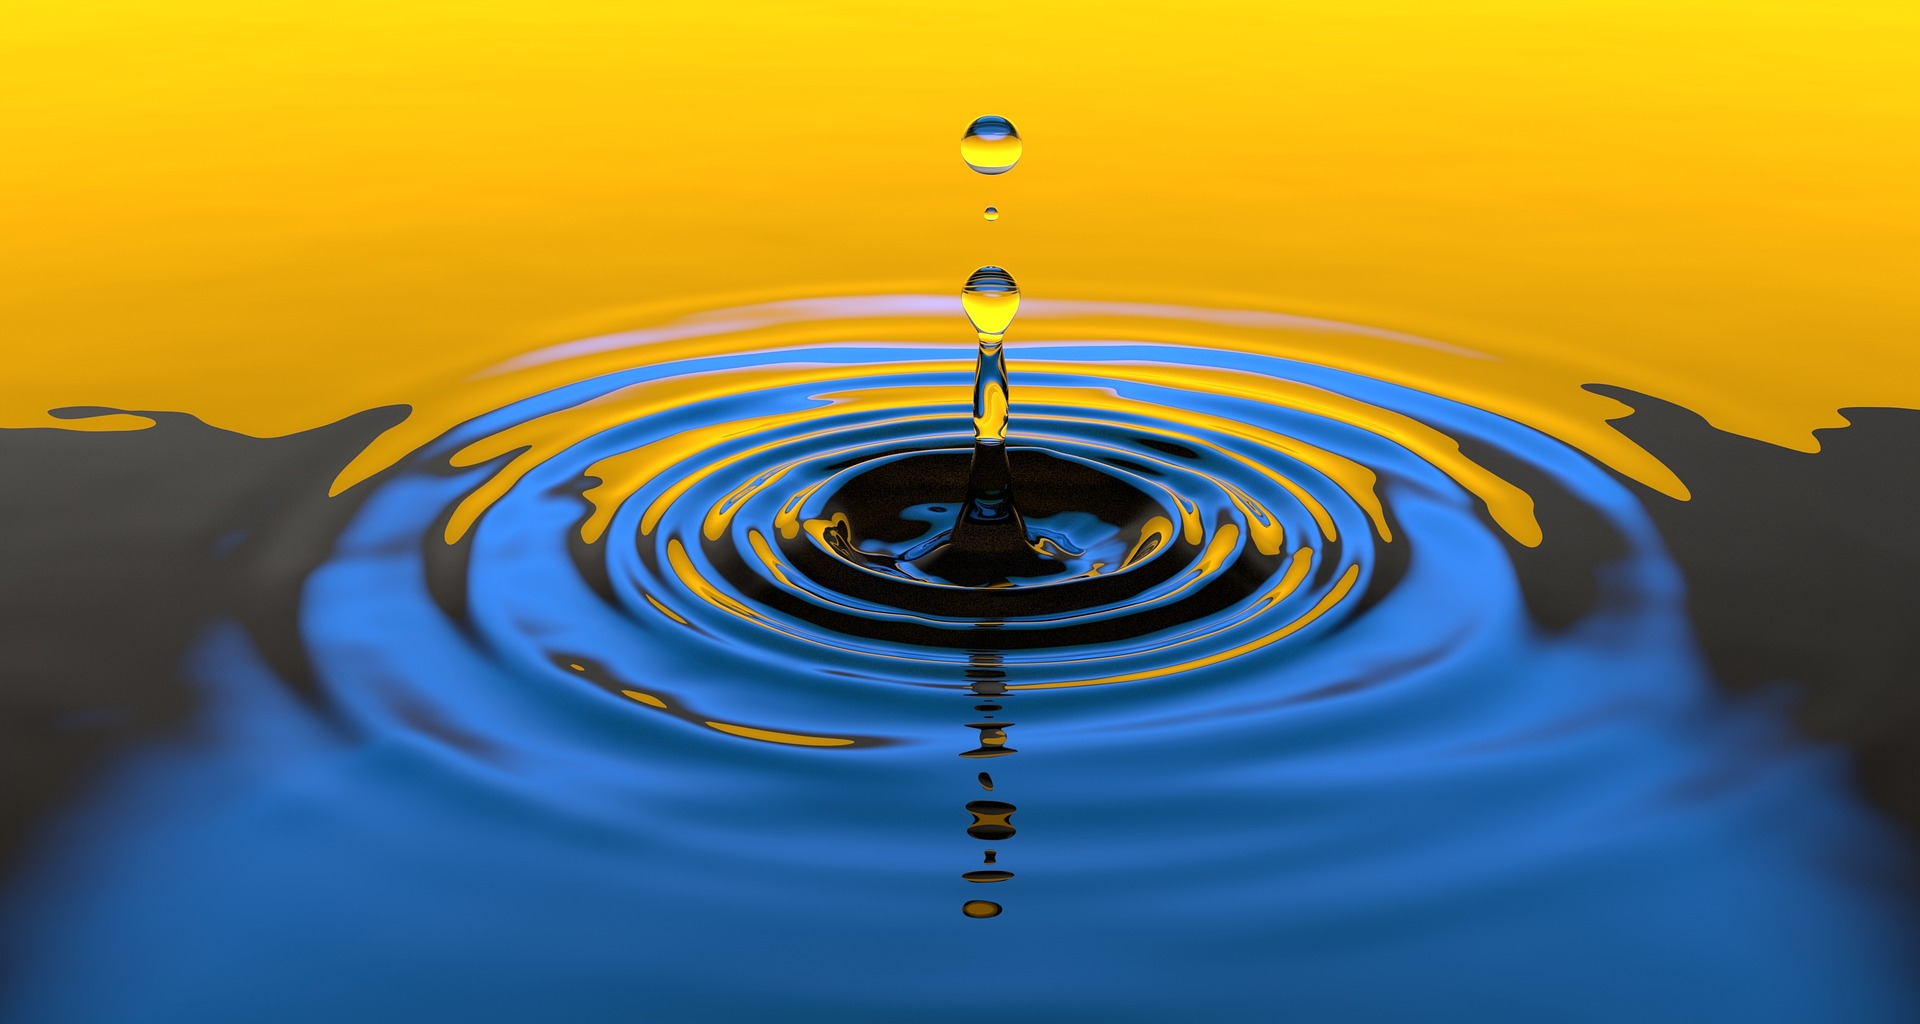 water-1759703_1920.jpg